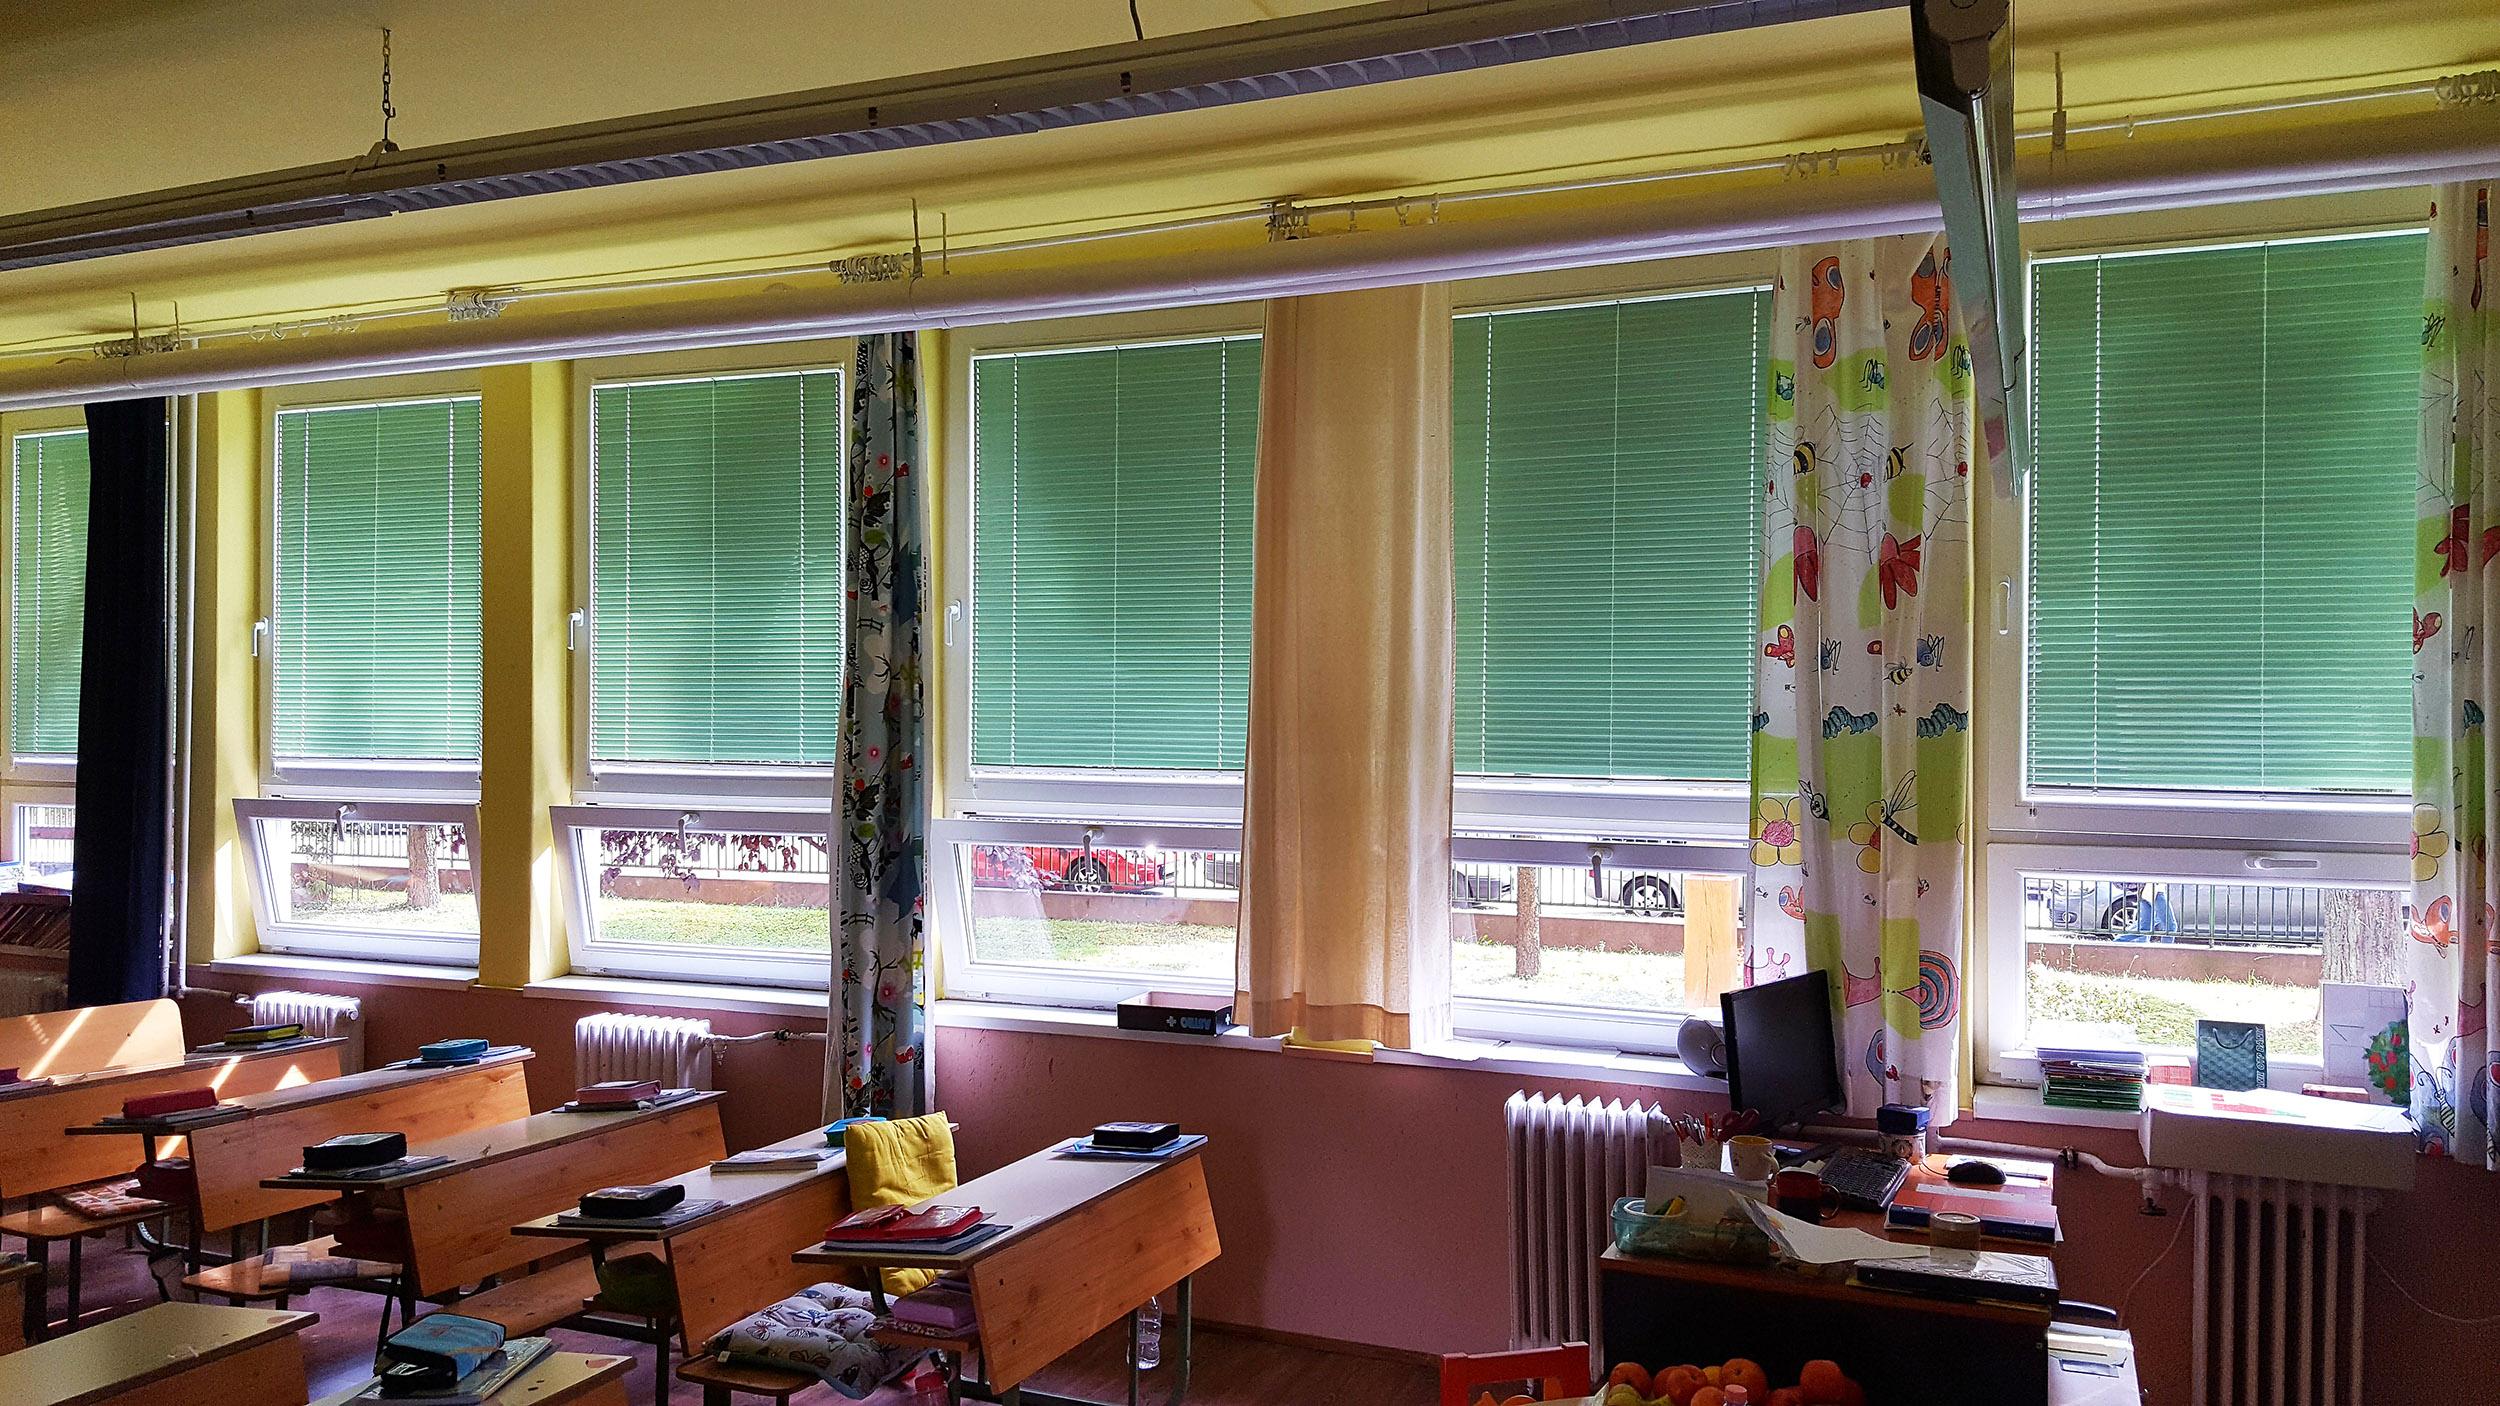 """Építőipari céget vezetek, az irodánkba új szalagfüggöny készítésére volt szükségünk Budapesten. Irodába, munkahelyre szerintem a lehető legjobb, leglátványosabb és legkevésbé problémás megoldás a szalagfüggöny, valahogy """"irodásabb"""" a hangulat tőle."""